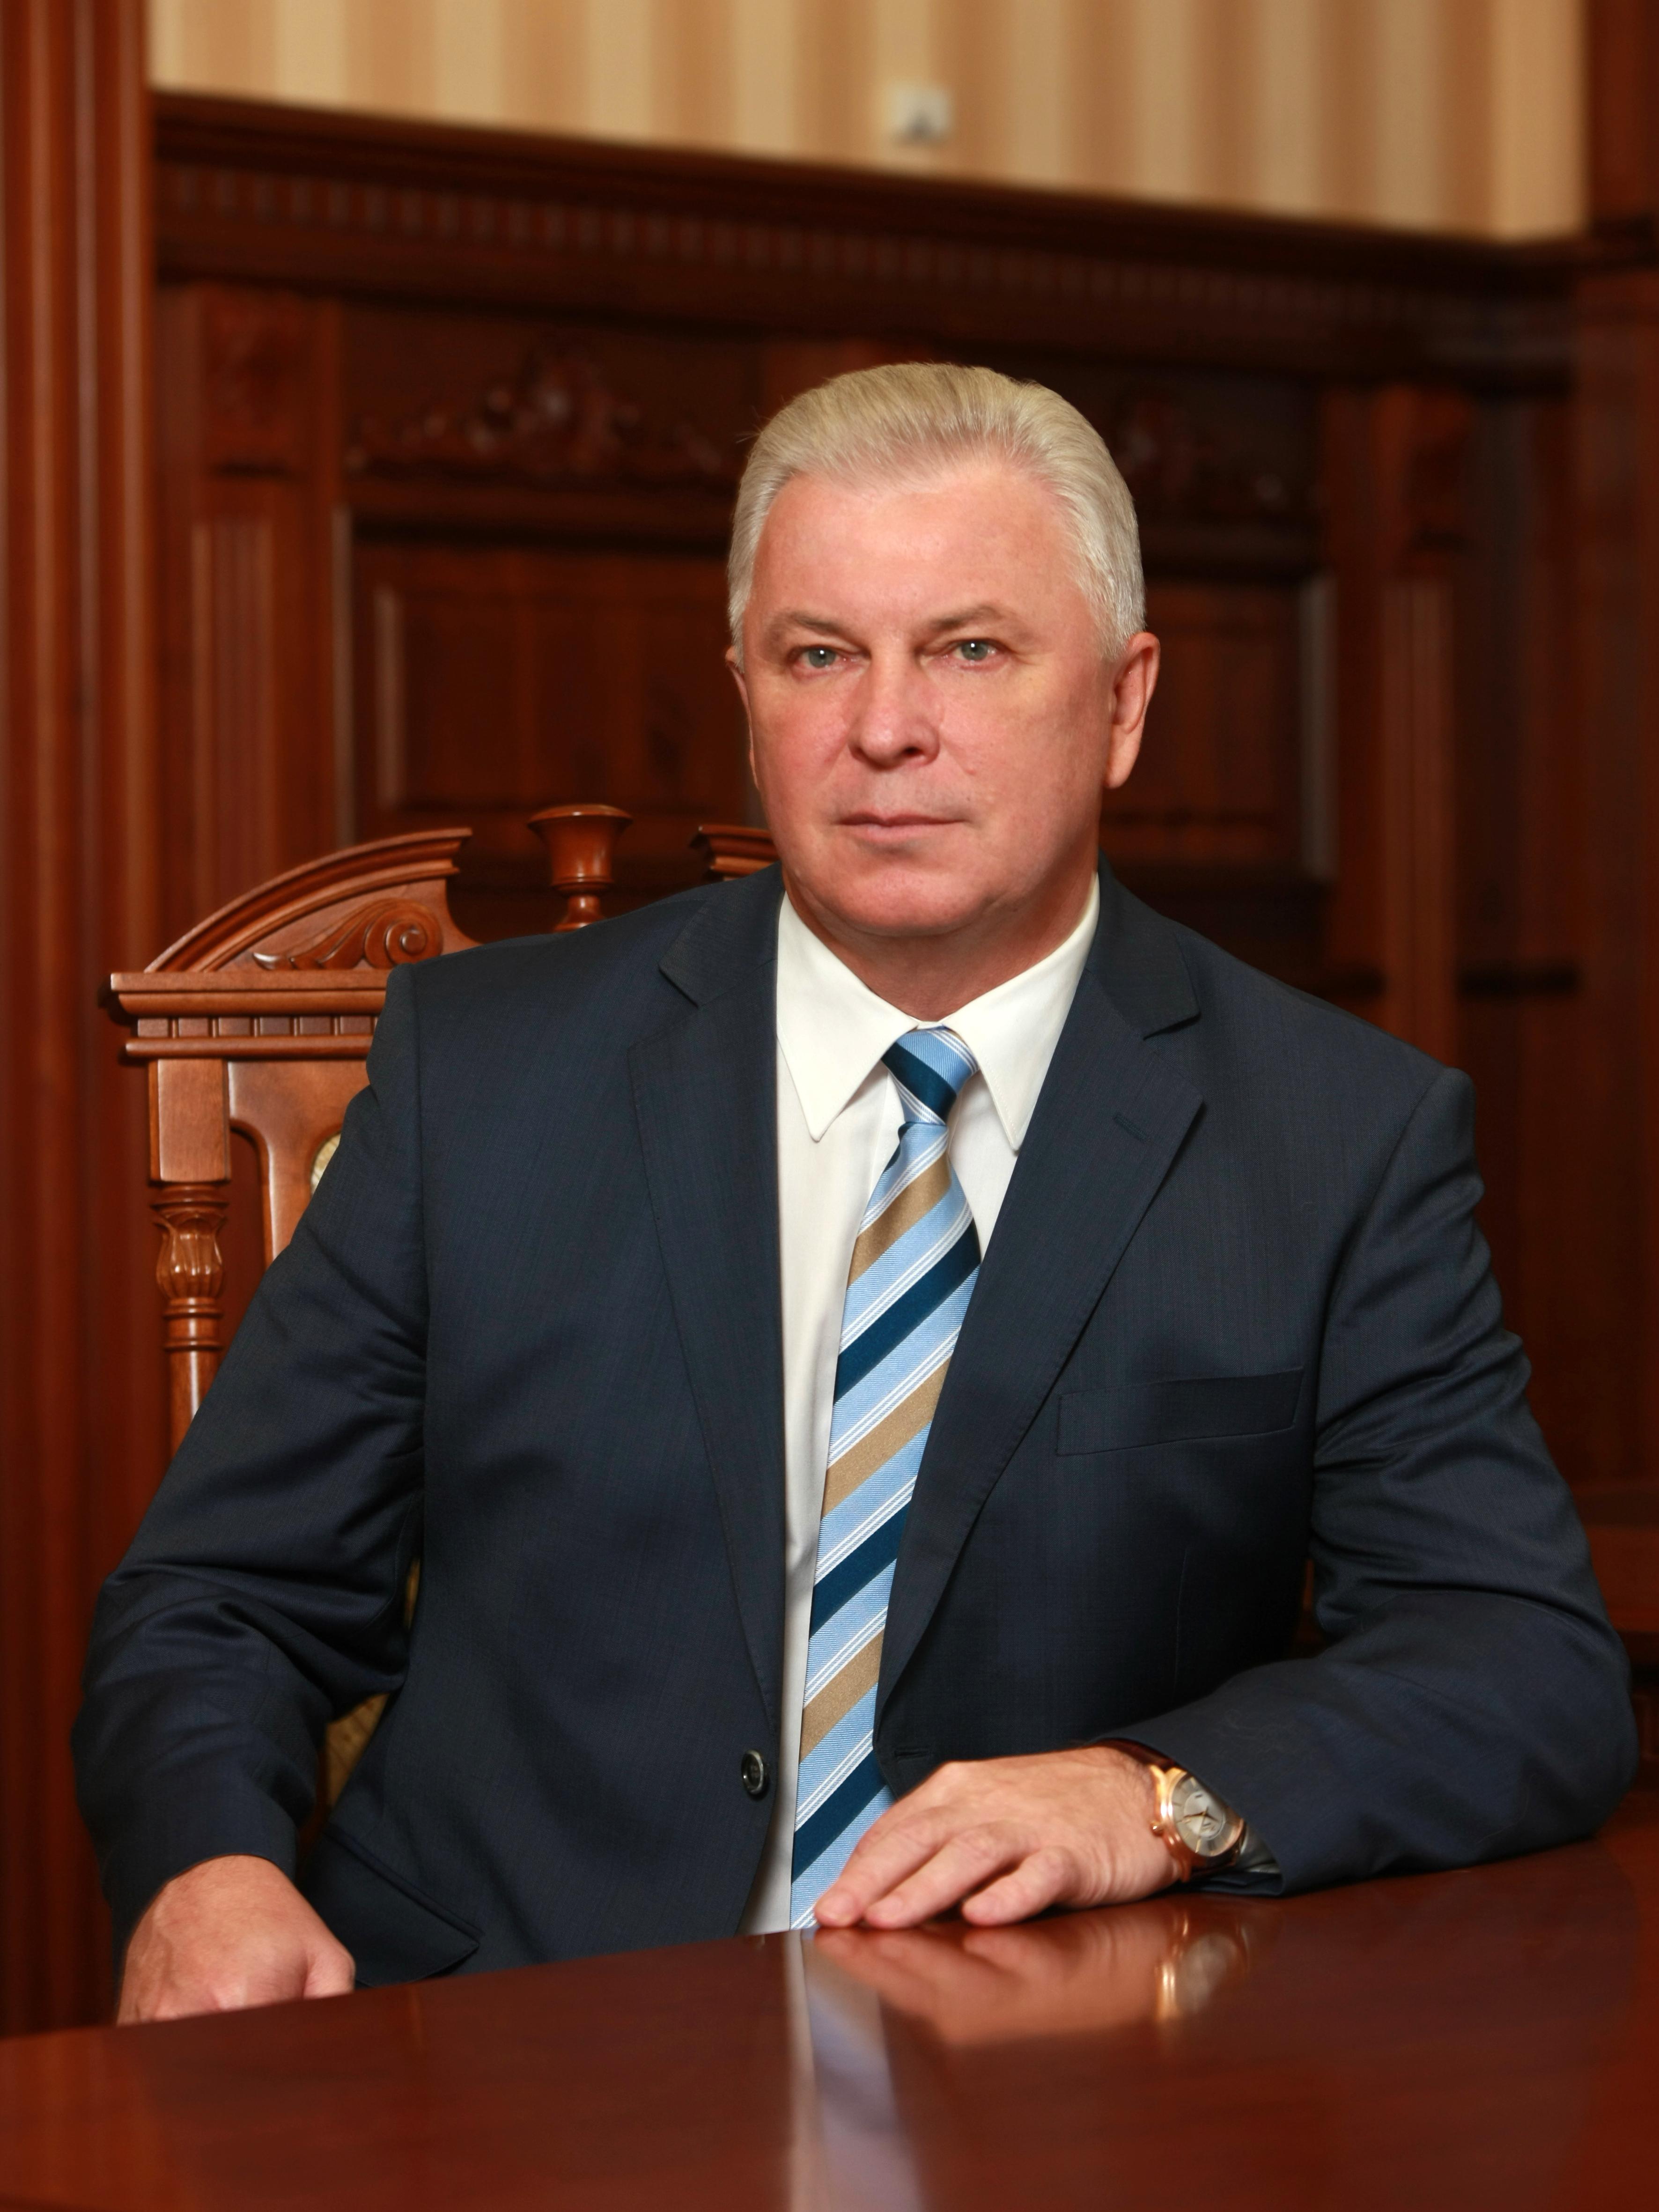 Орлова губернатор владимирской области видео новости